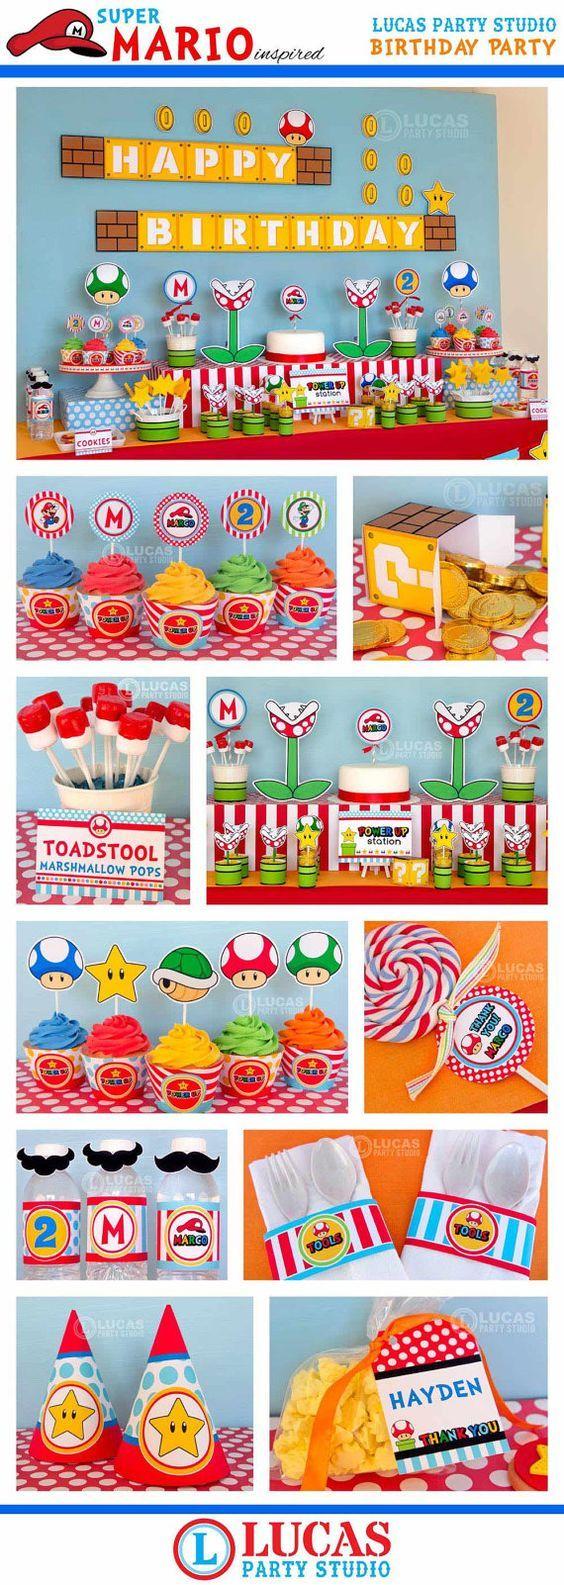 Inspiré de Super Mario Birthday Party - Collection complète de bricolage forfait…